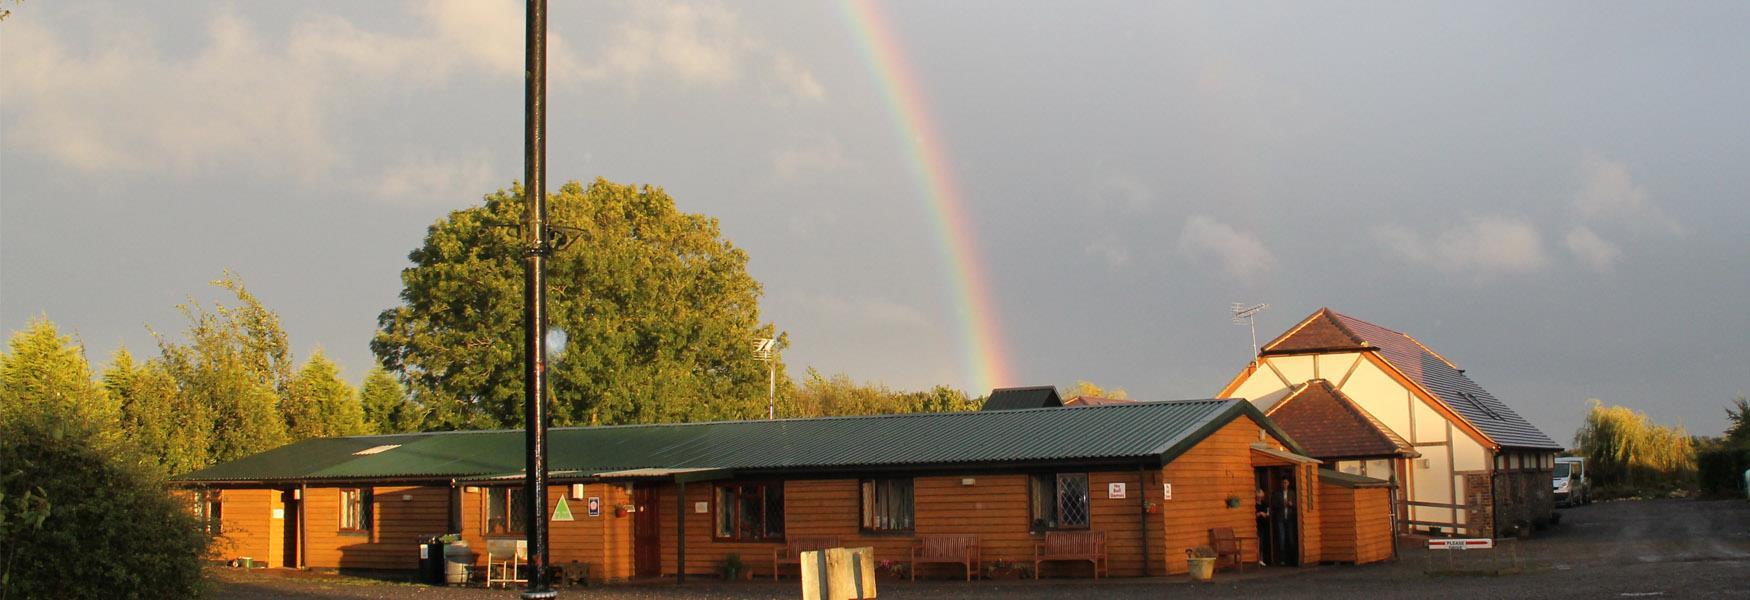 Coldblow Farm Bunkhouse